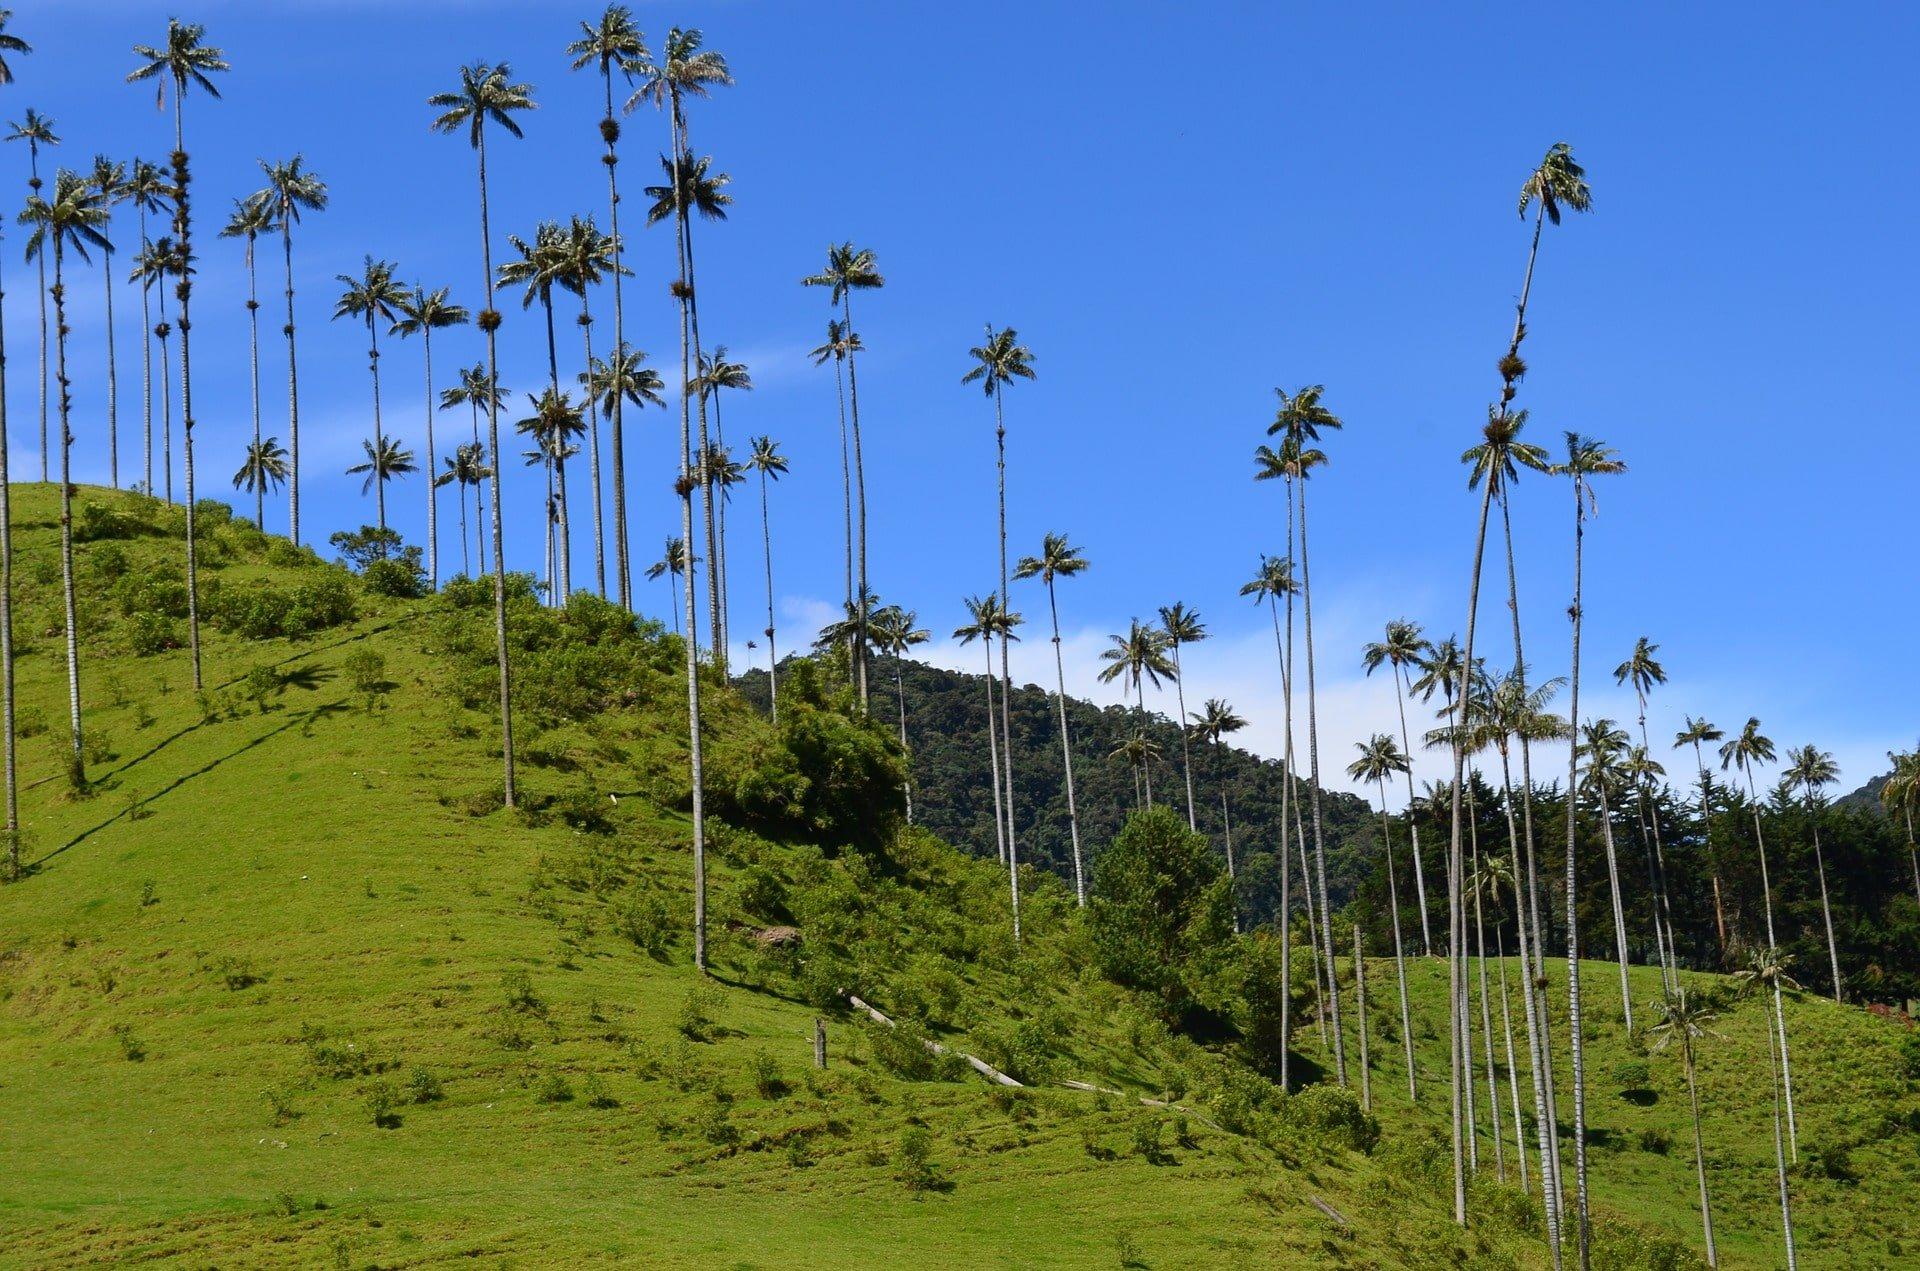 vallée de cocora en colombie voyage en famille